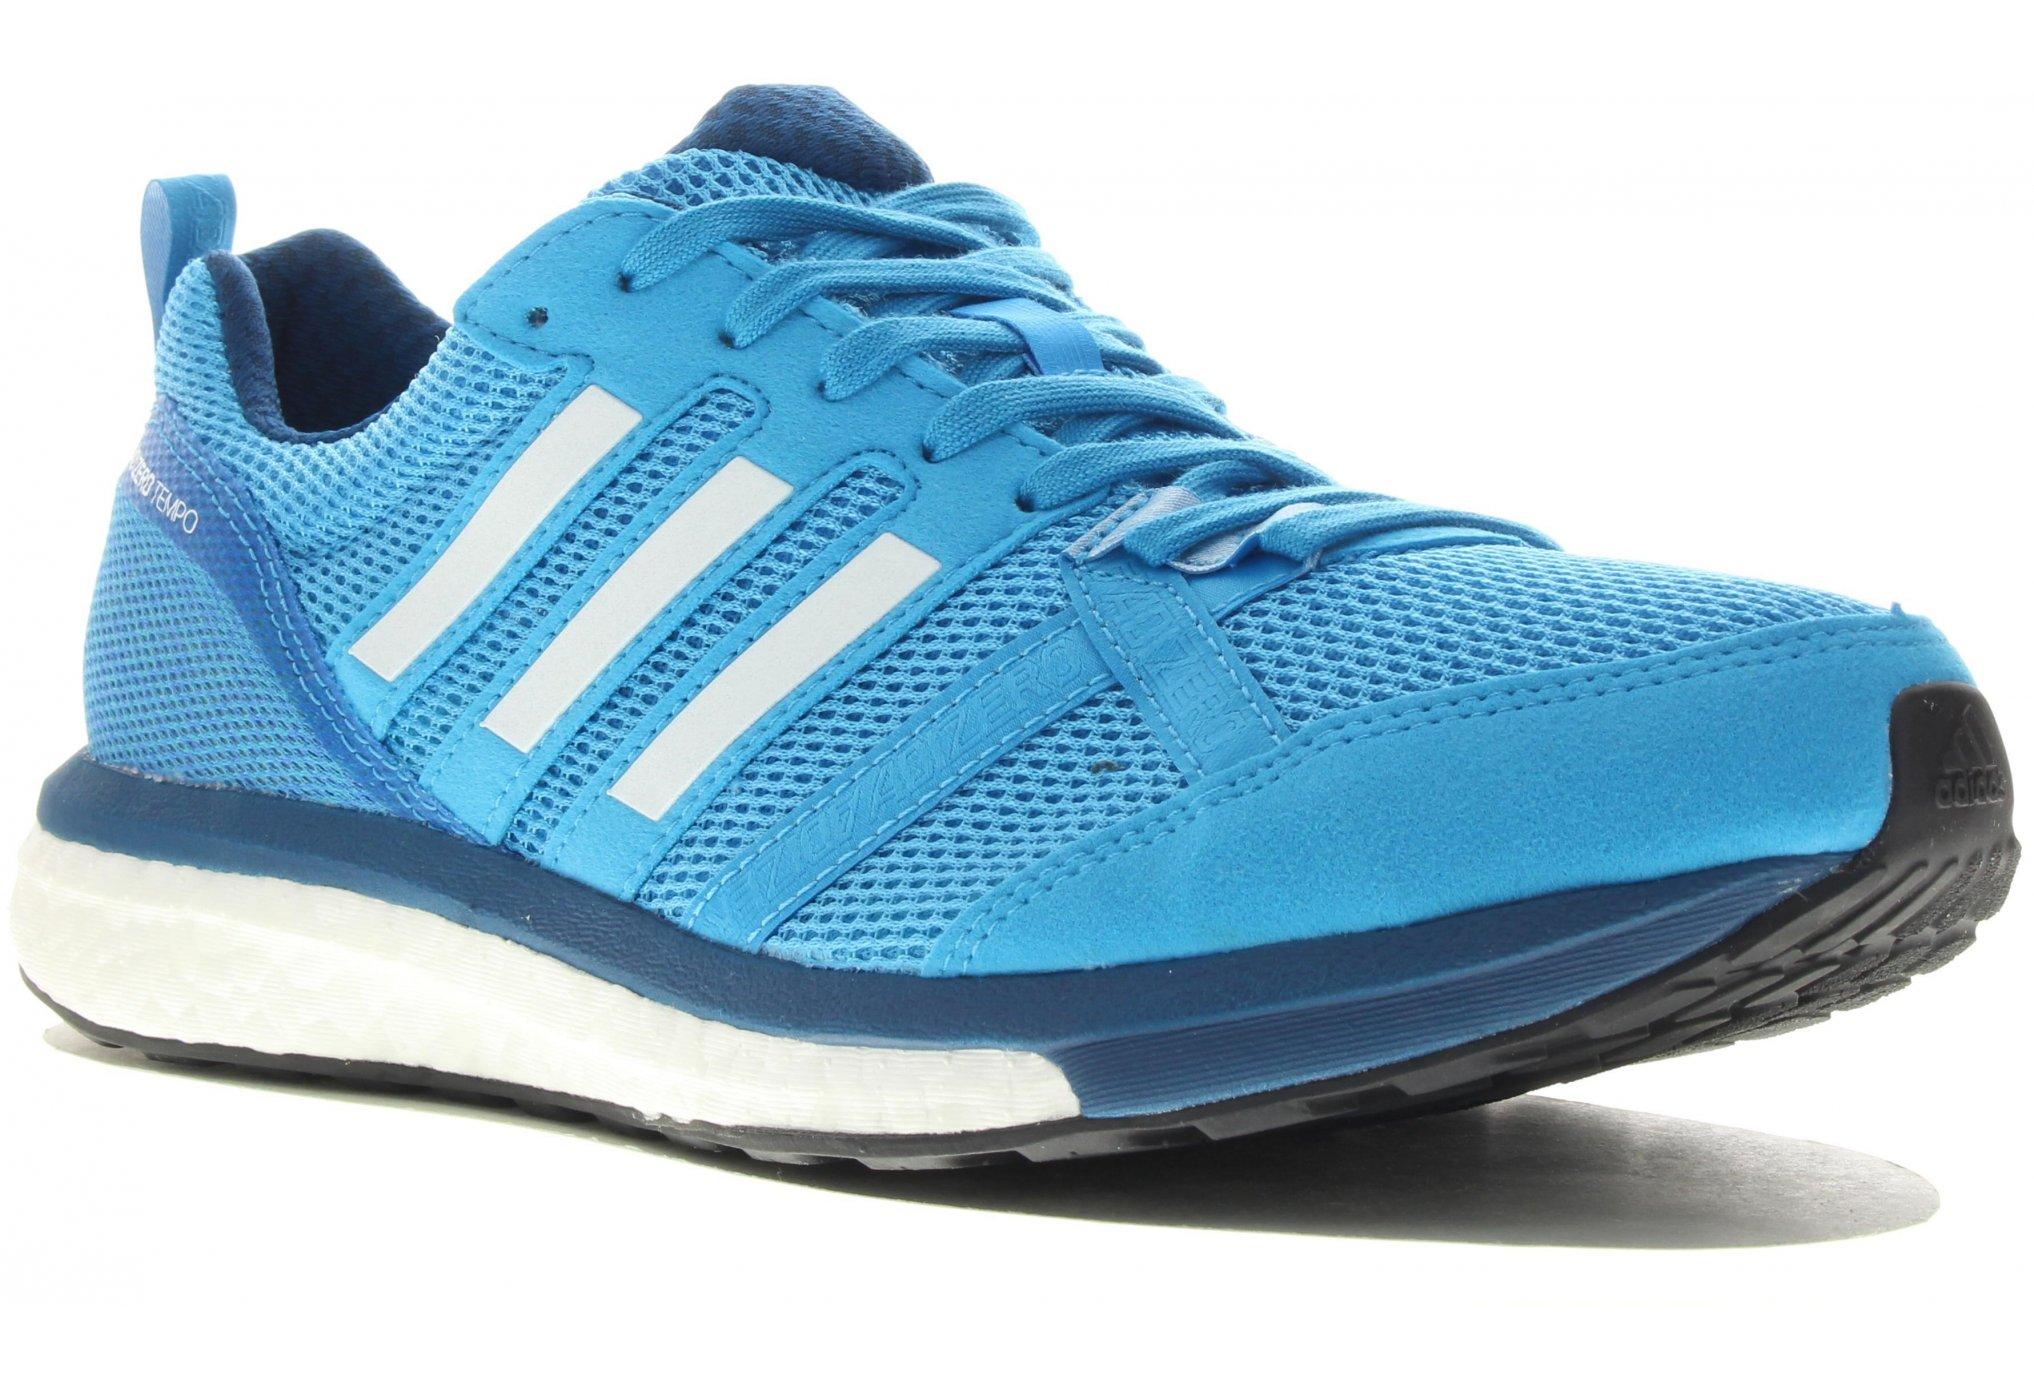 Adizero Tempo Adidas 9 M Chaussures R De 7gYIvf6yb